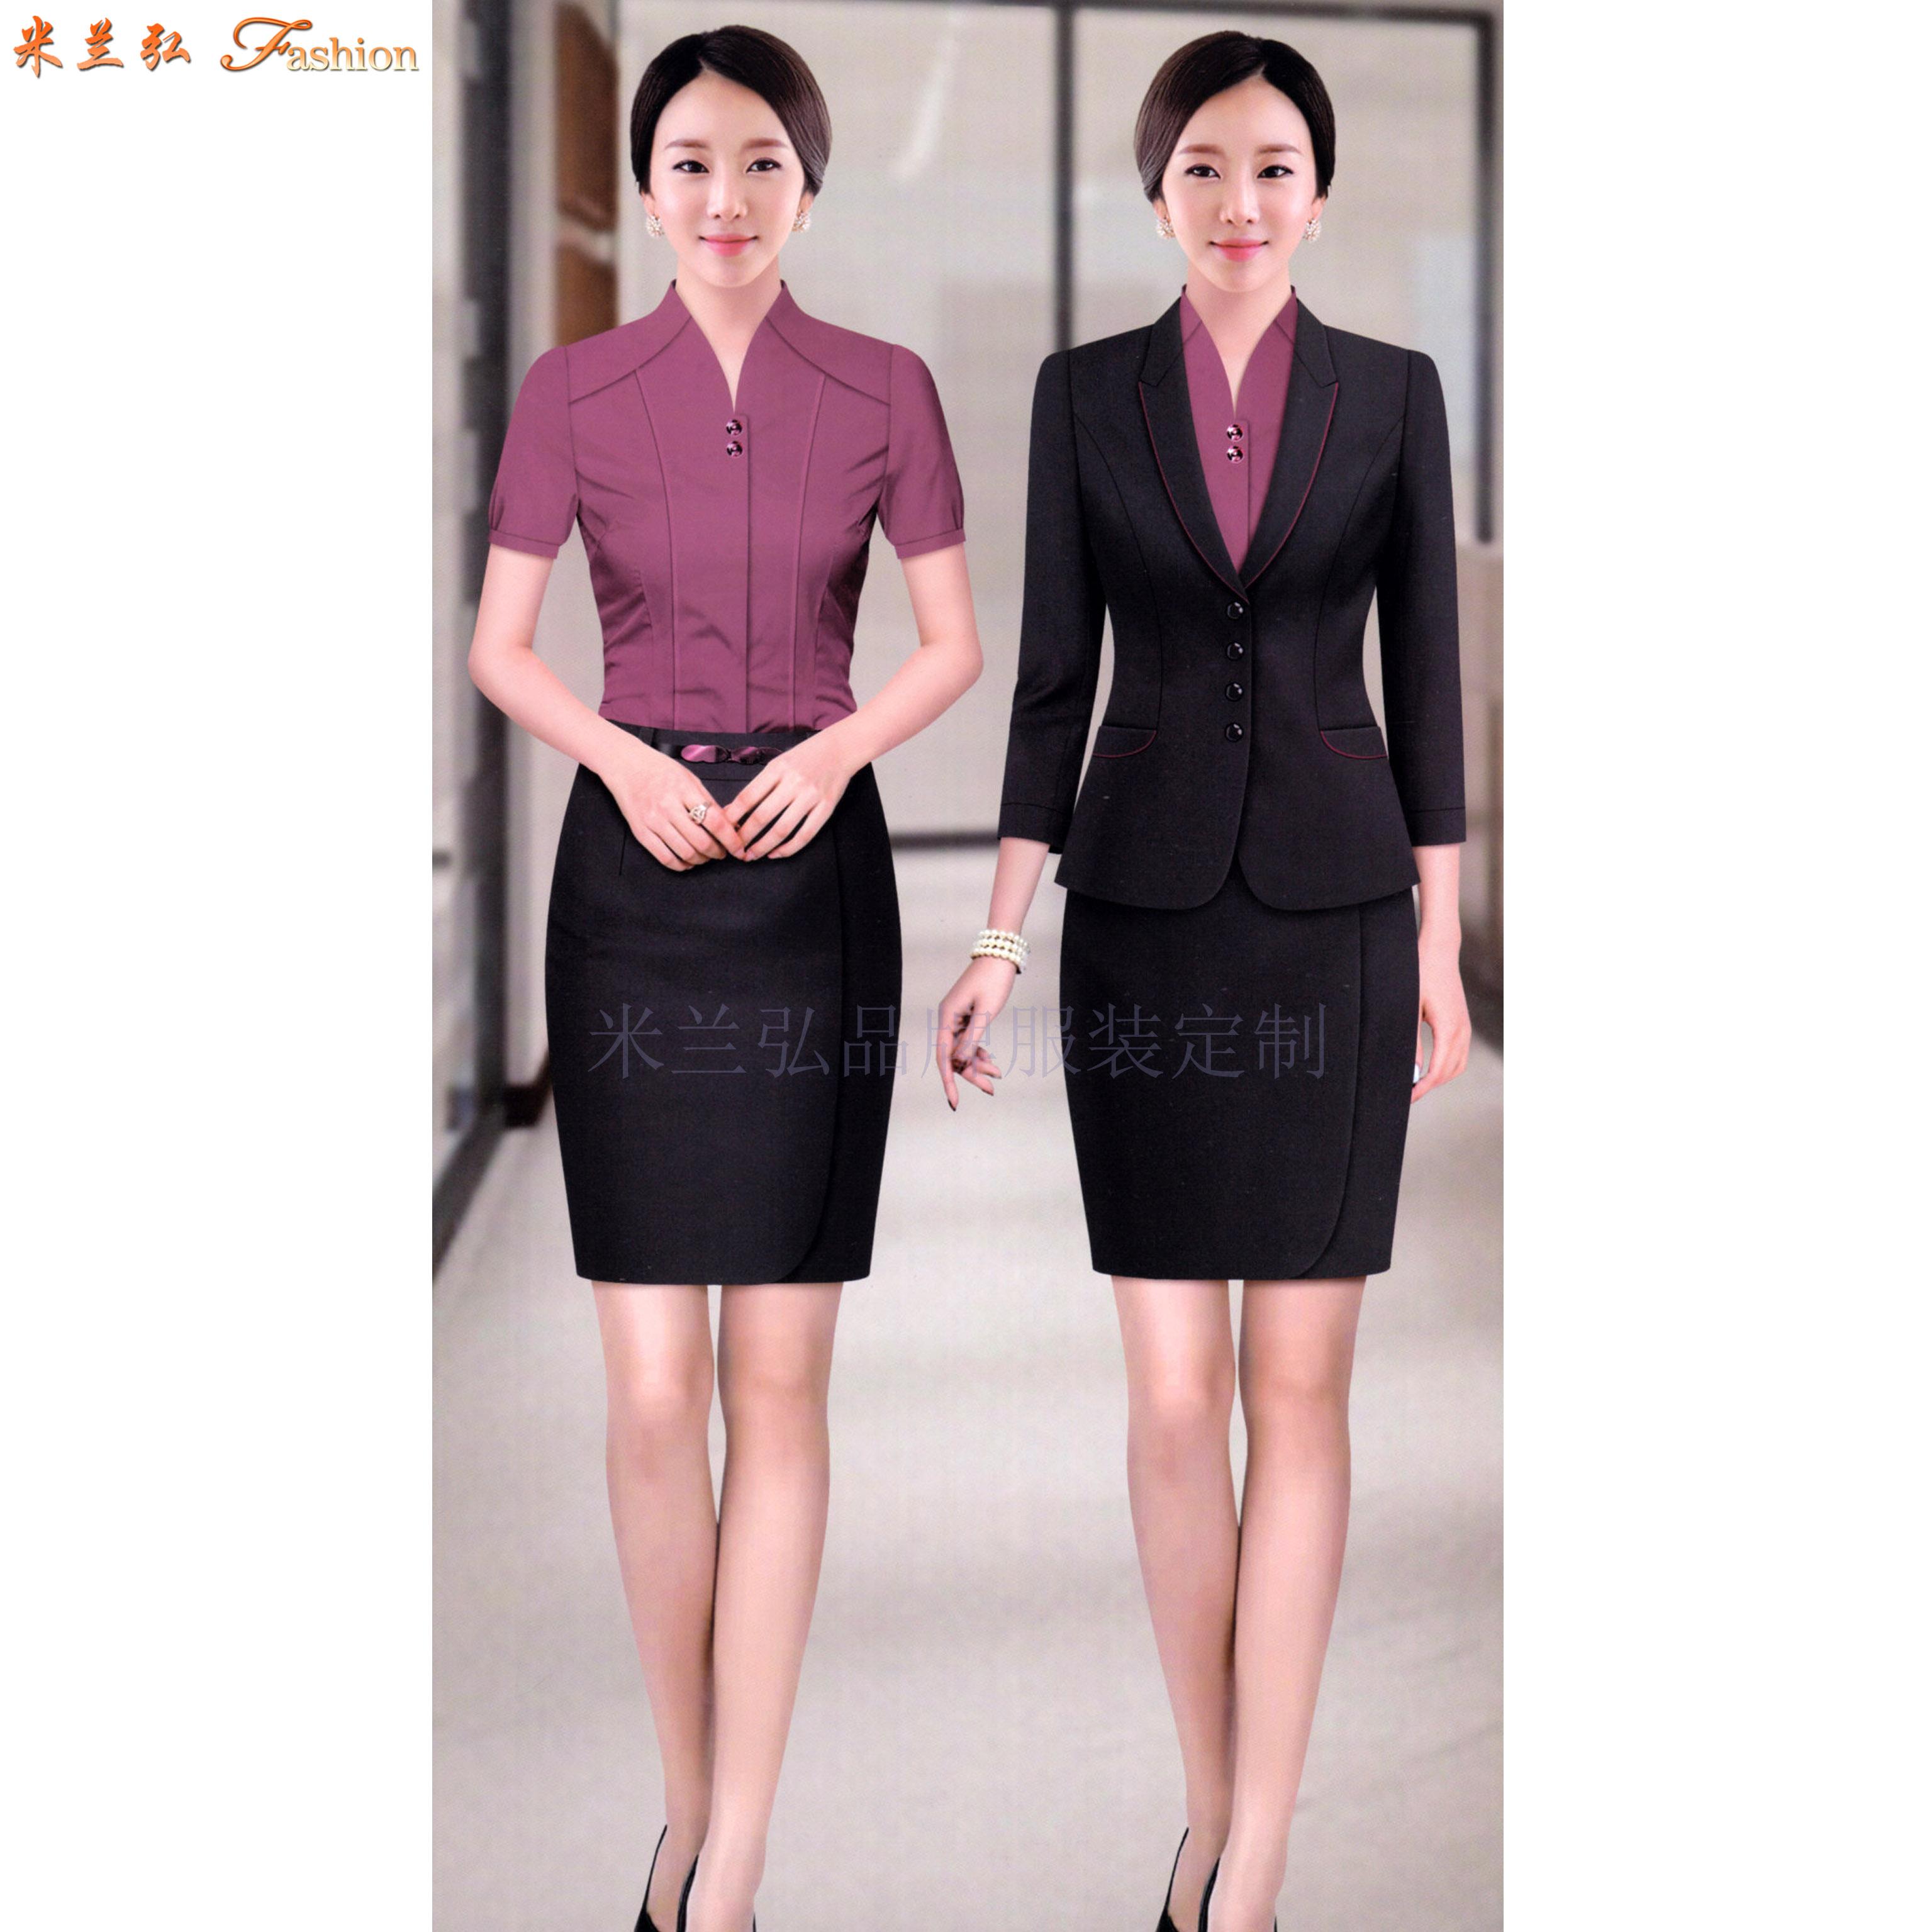 北京品牌西服定製-訂做時尚大氣西服-永利注册网站服裝-4